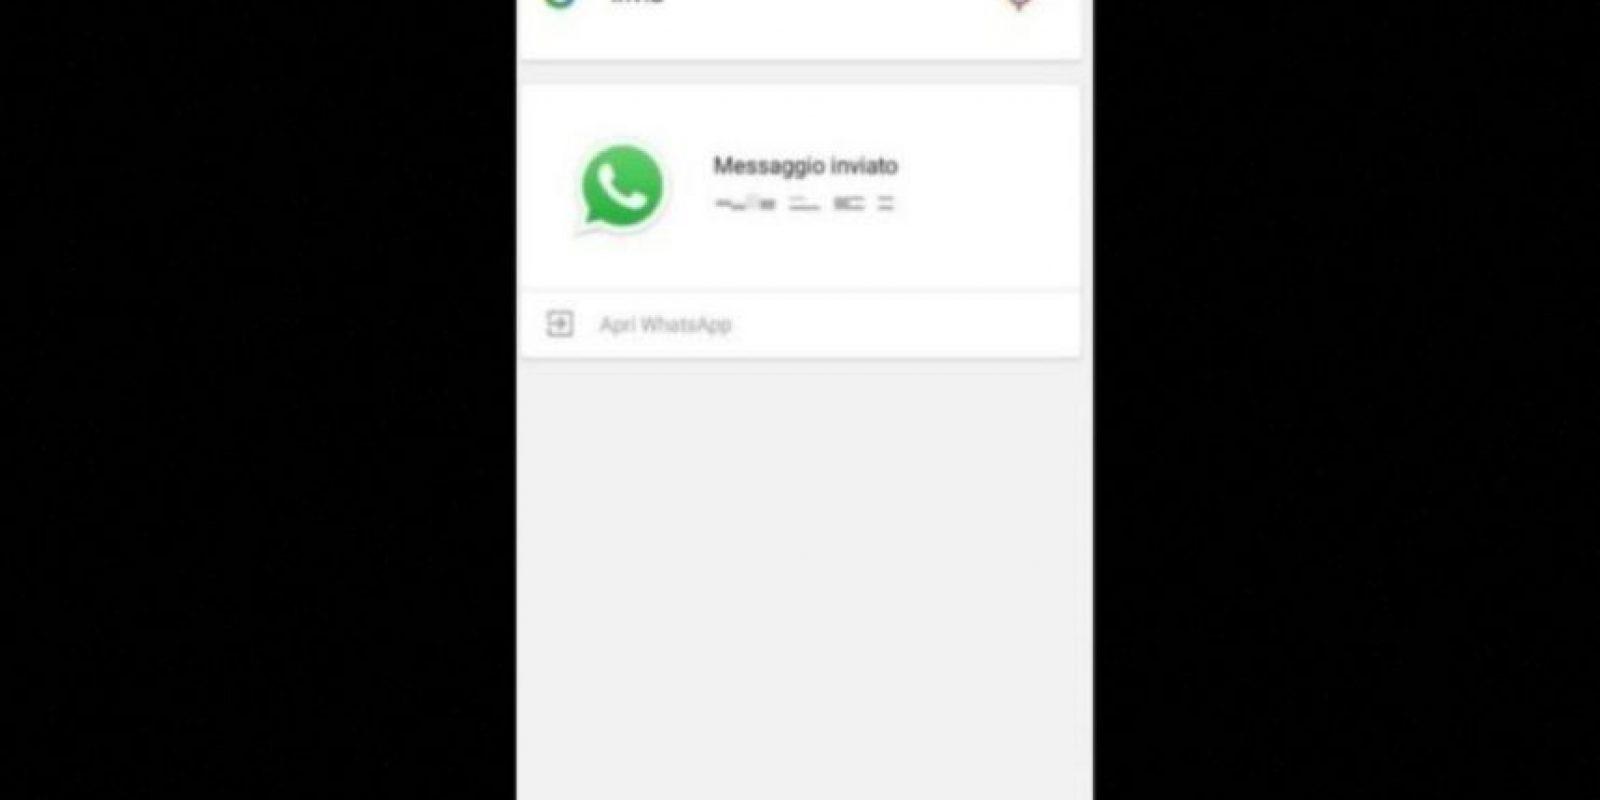 5. Dictados y envío de mensajes mediante Google Now en Android. Foto:Tumblr.com